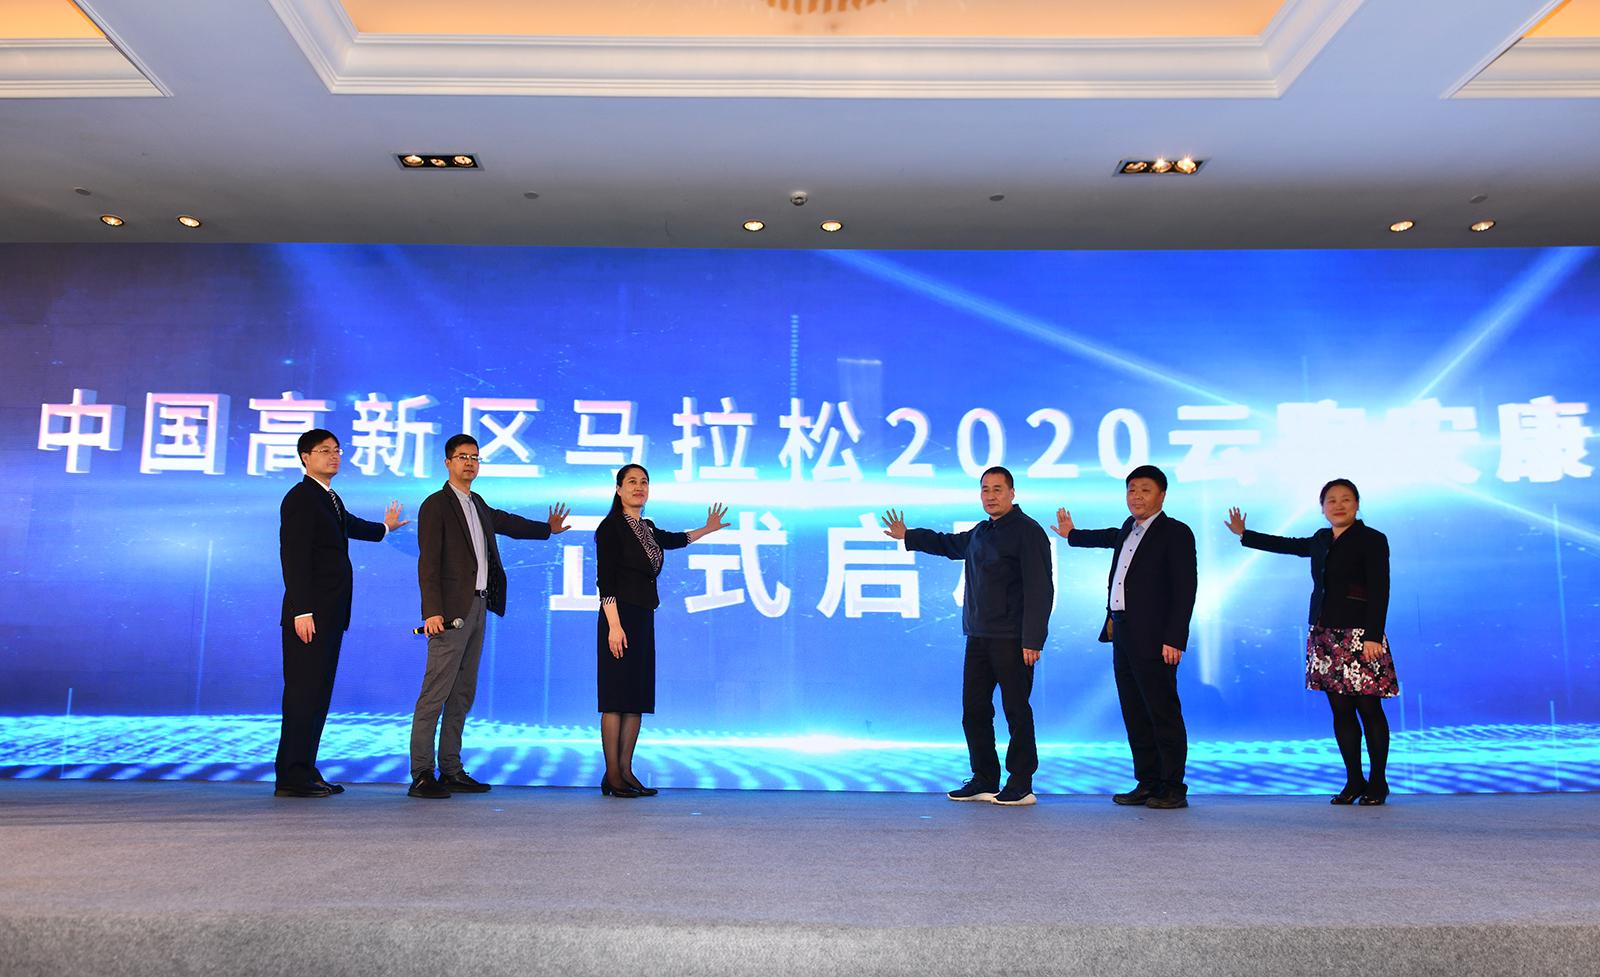 中国高新区马拉松2020云跑安康在上海启动